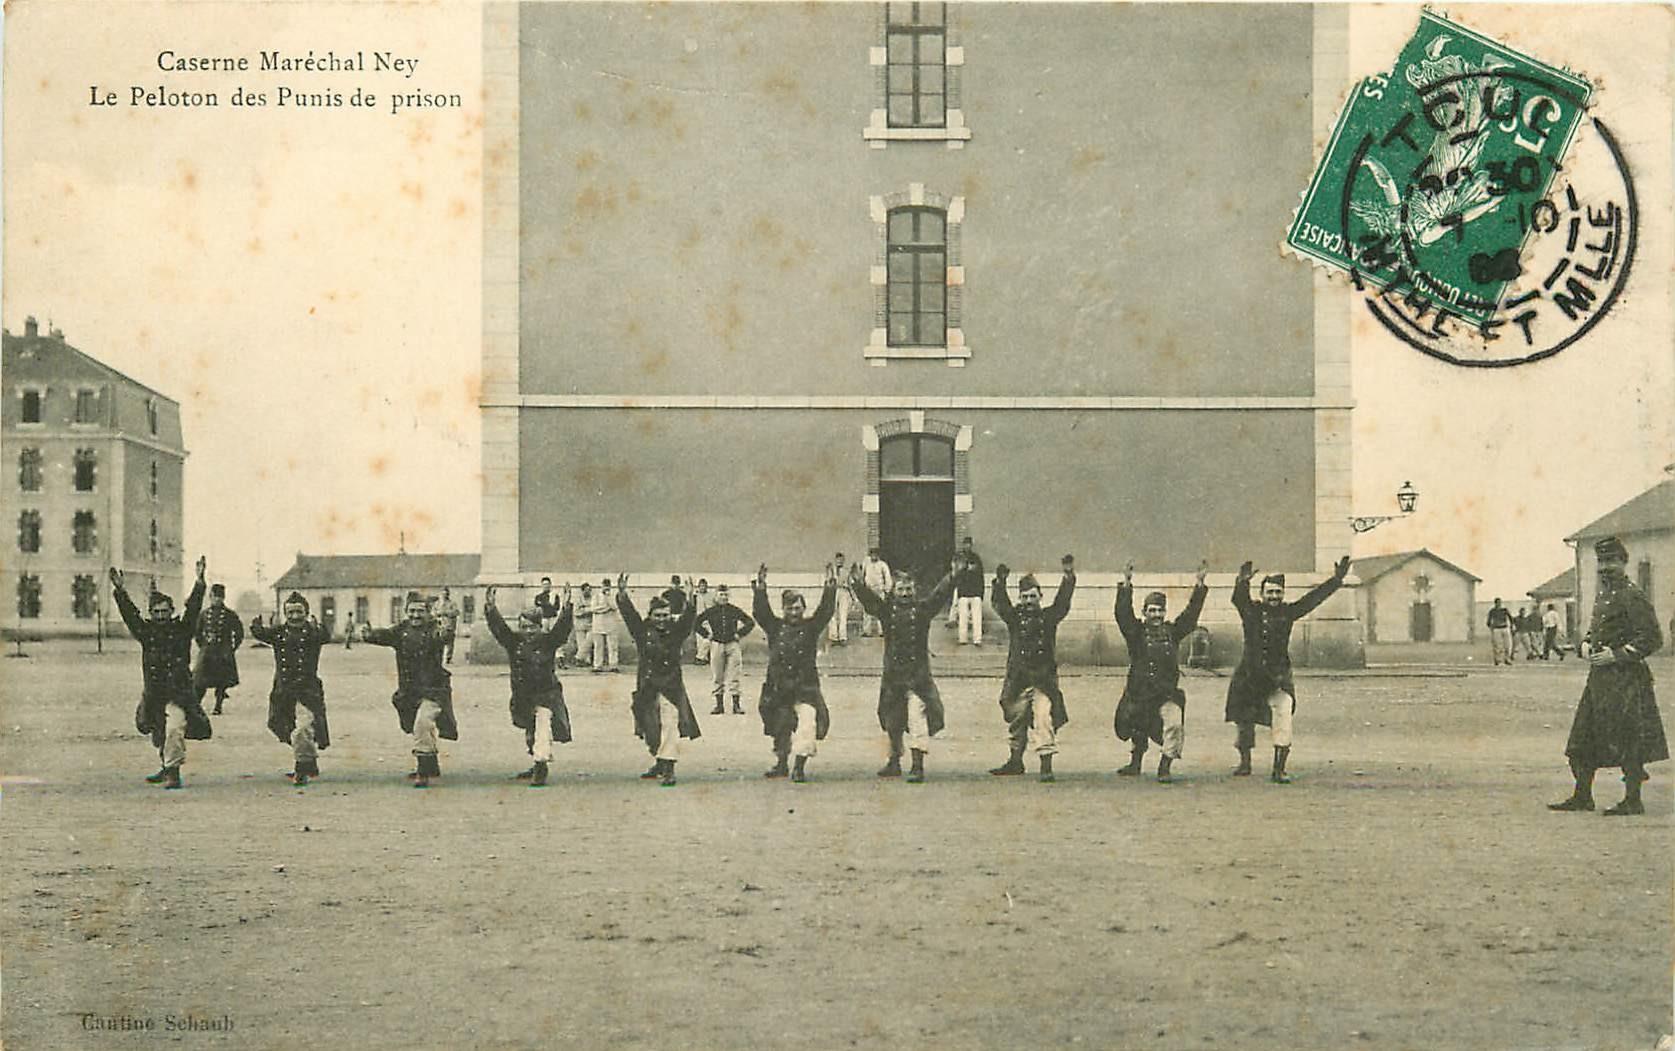 54 TOUL. Caserne Maréchal Ney. Le Peloton des Punis de prison 1908